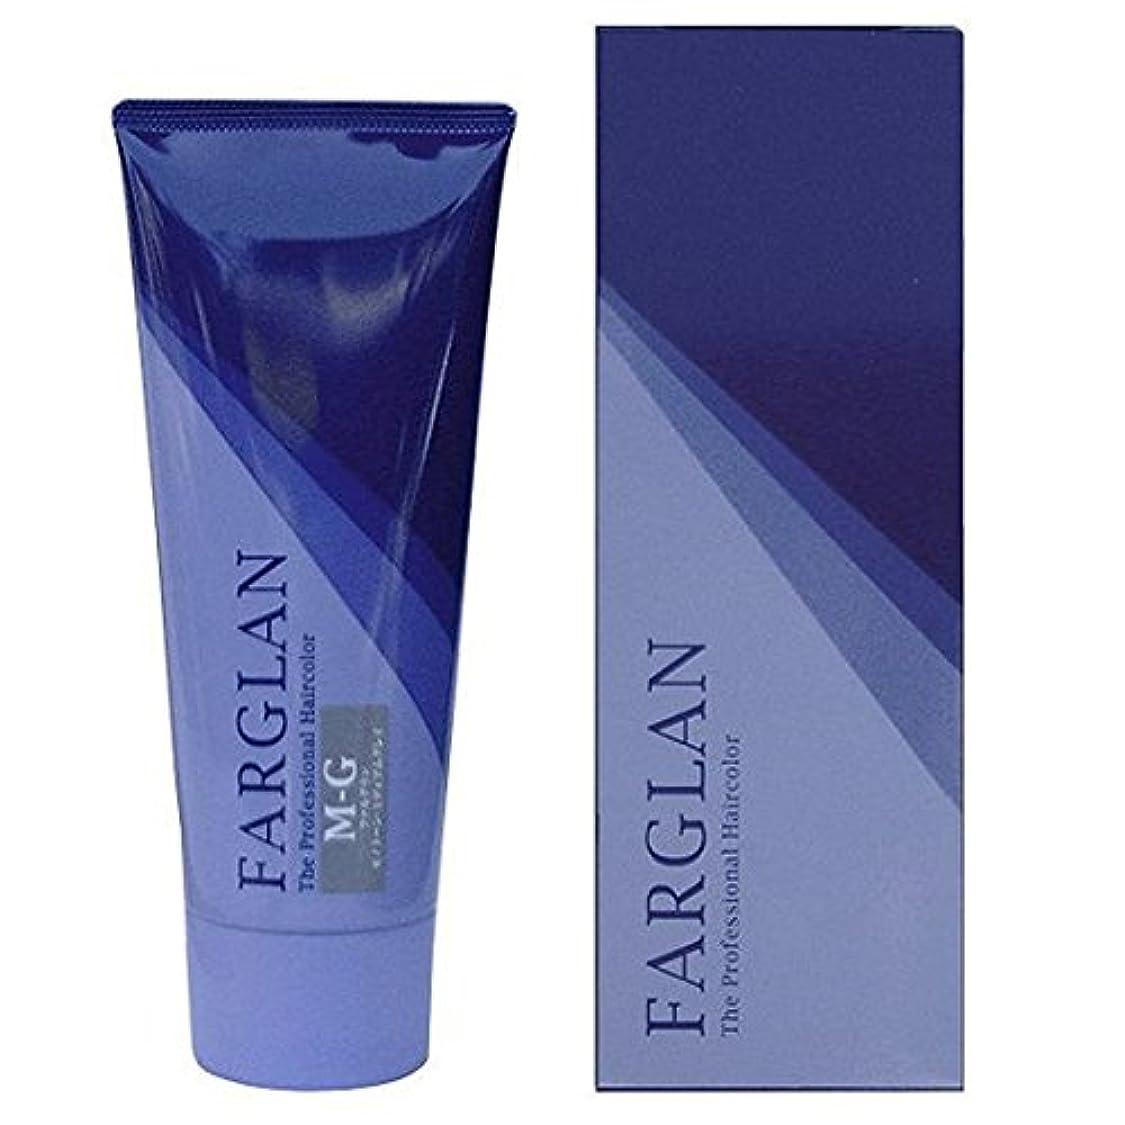 証人抹消世代FARGLAN(ファルグラン) ヘアカラー P-P(Pale-Purple) 160g